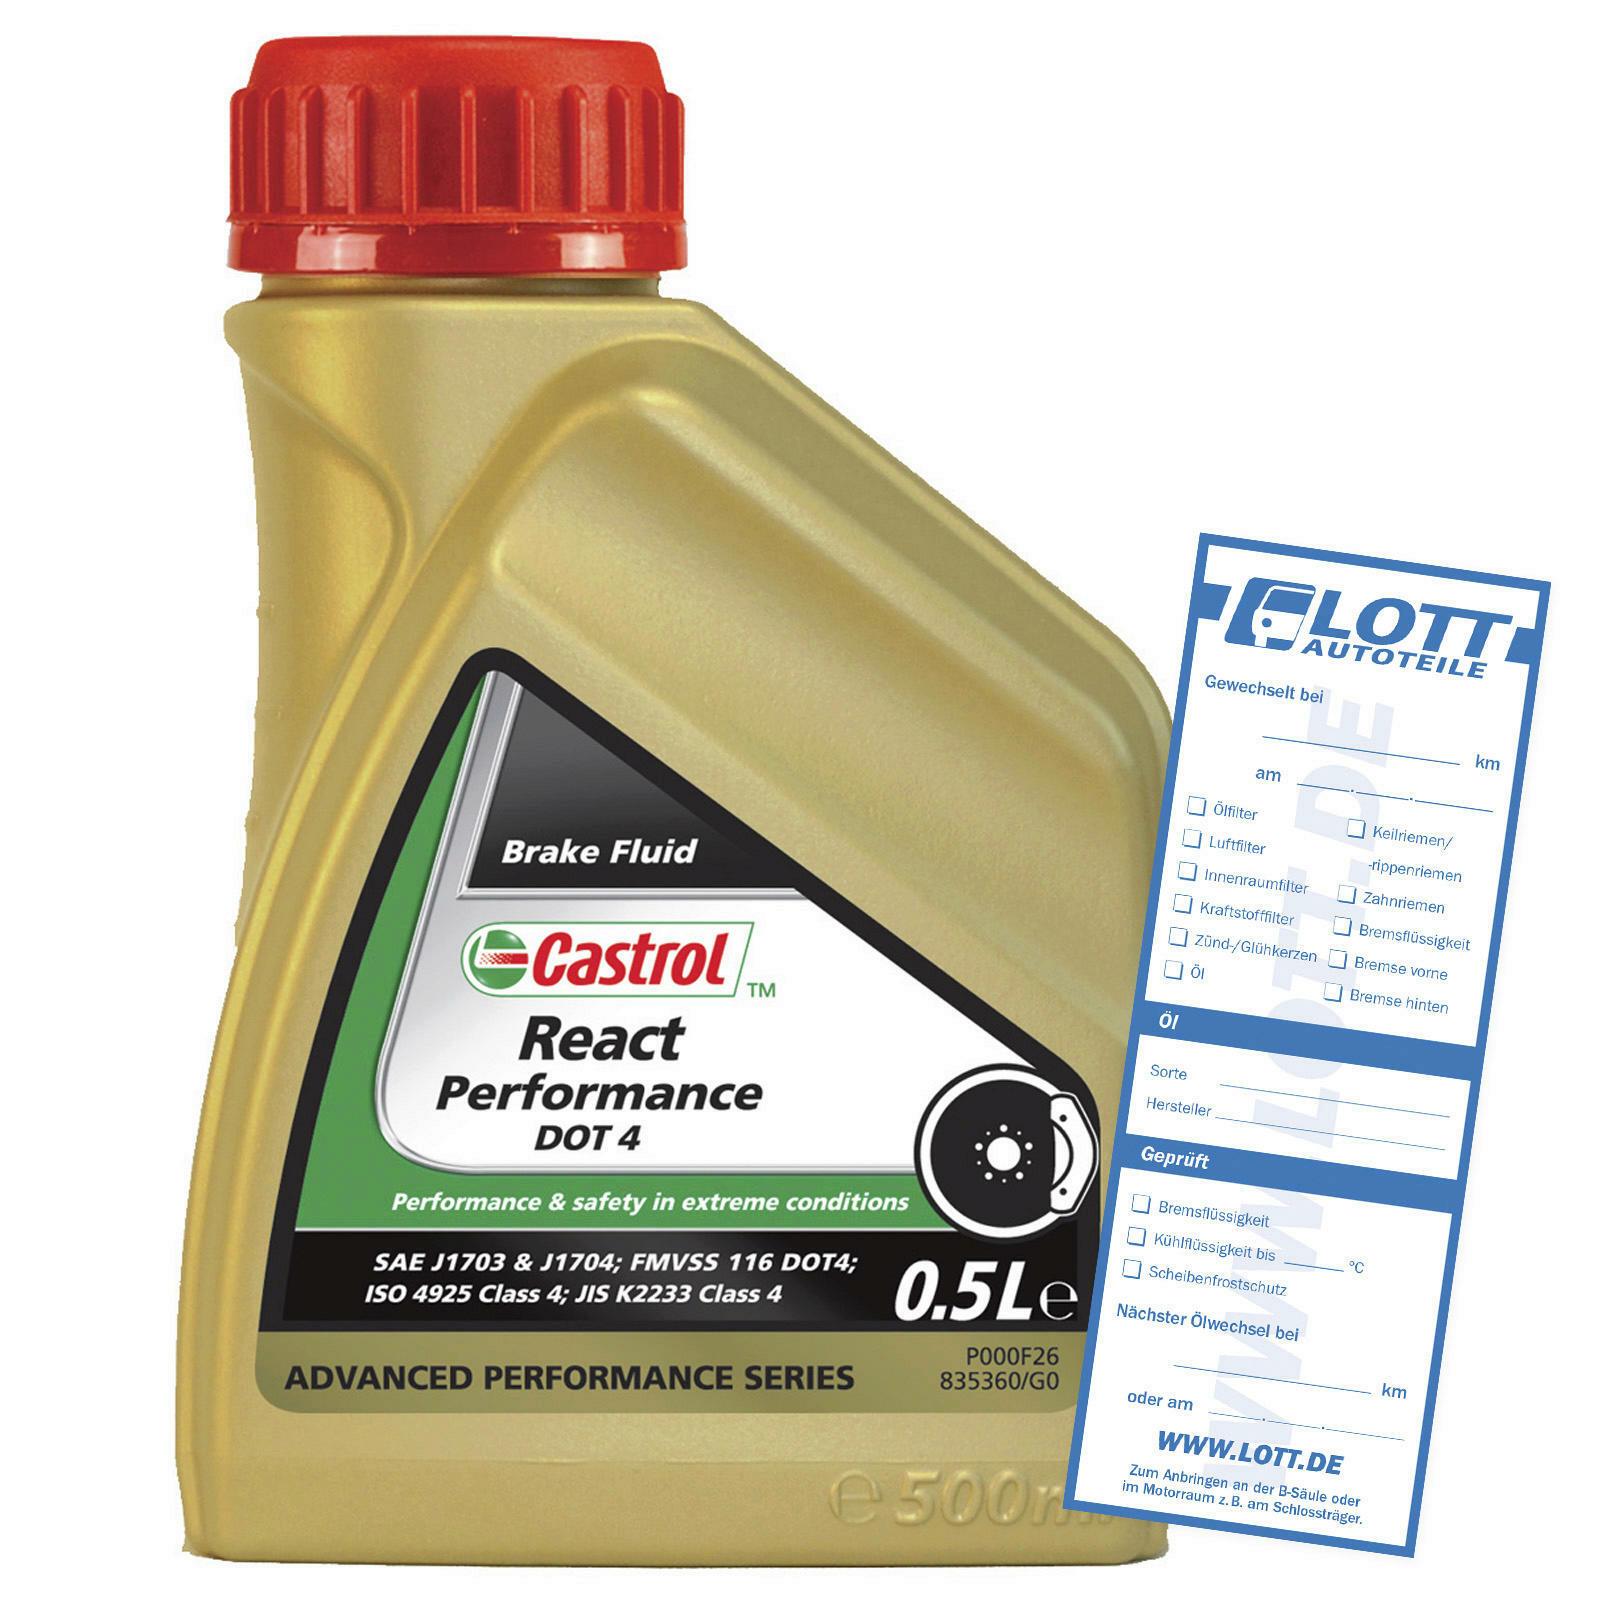 CASTROL Bremsflüssigkeit React Performance DOT 4 500ml